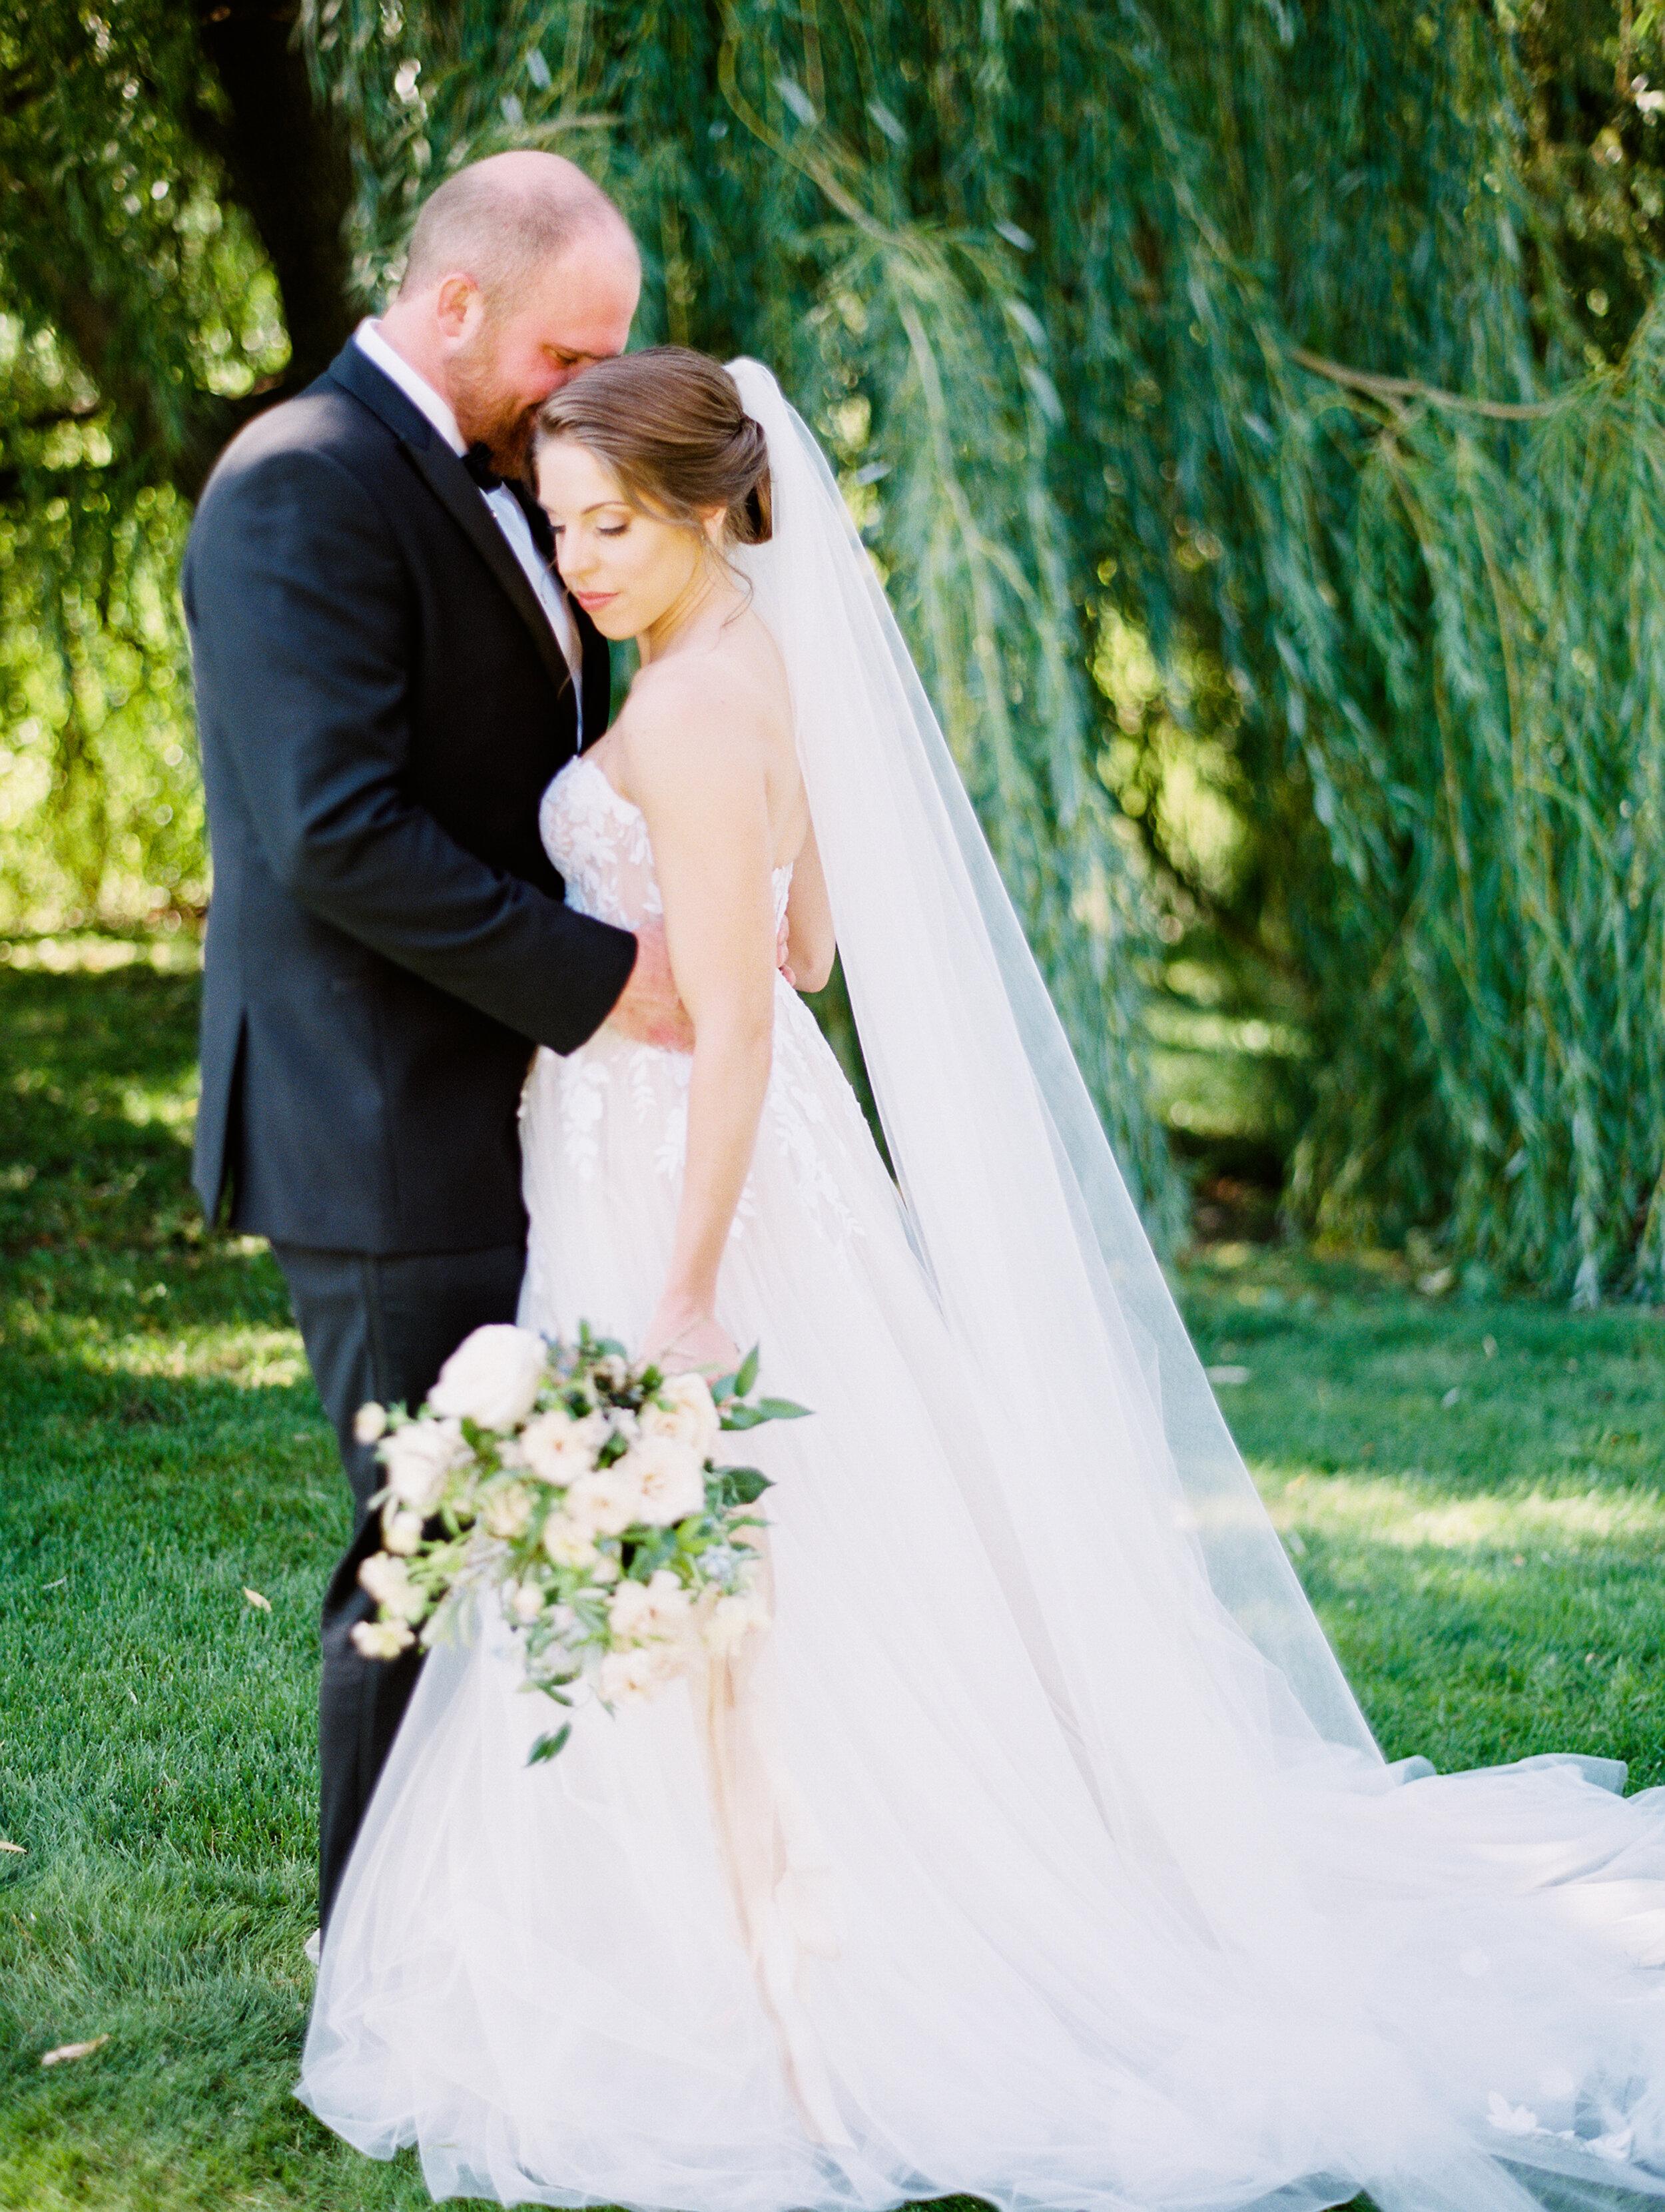 Steinlage+Wedding+First+Look-32.jpg